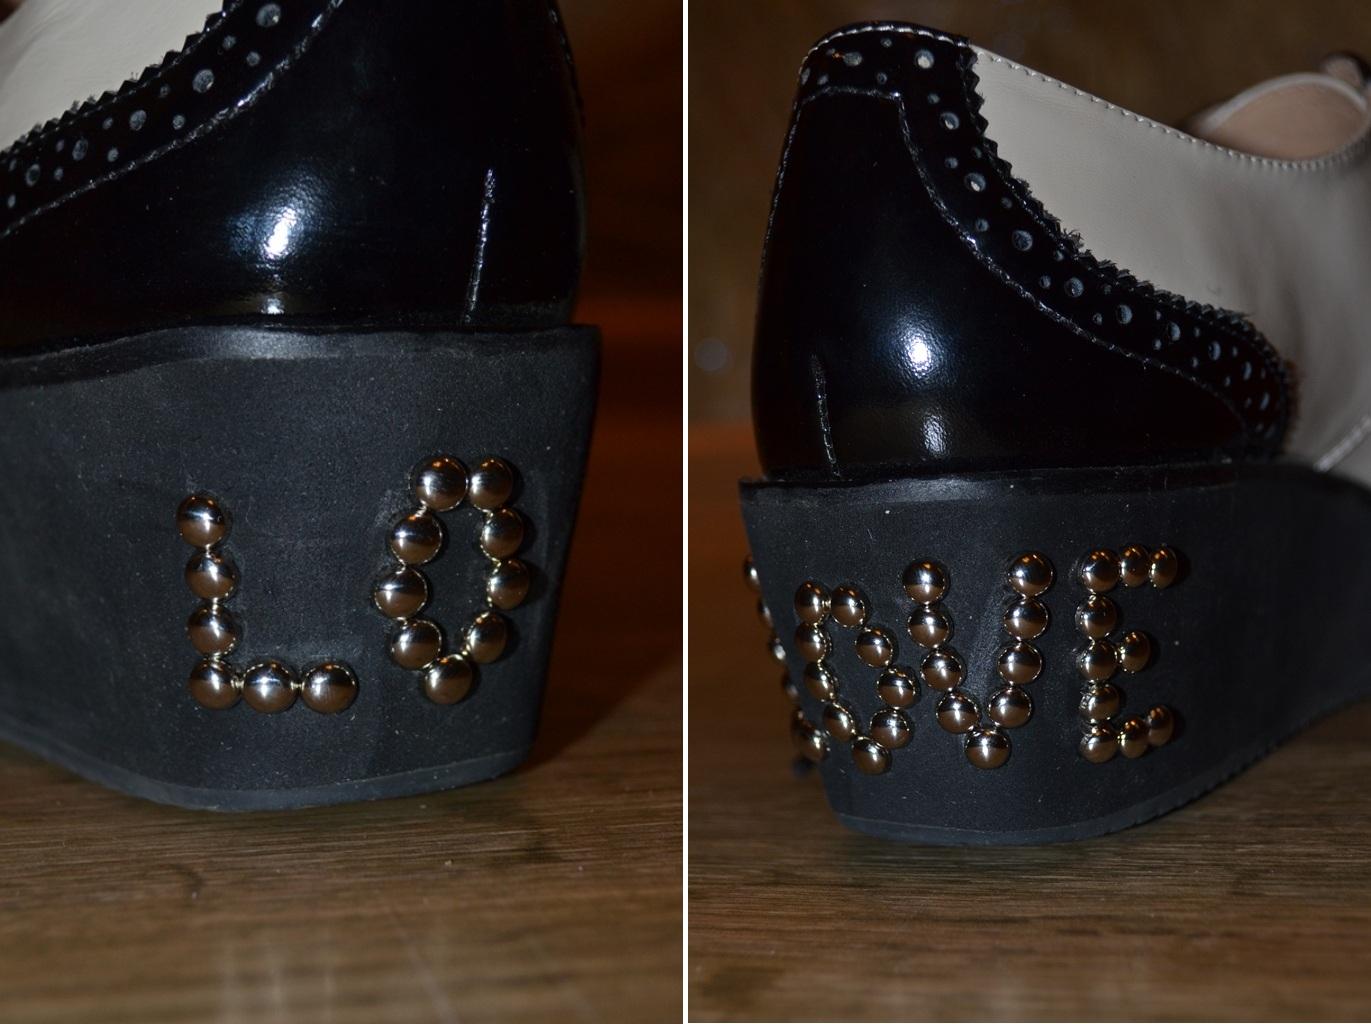 Мастер-класс: делаем необычную надпись на туфлях - фото №4